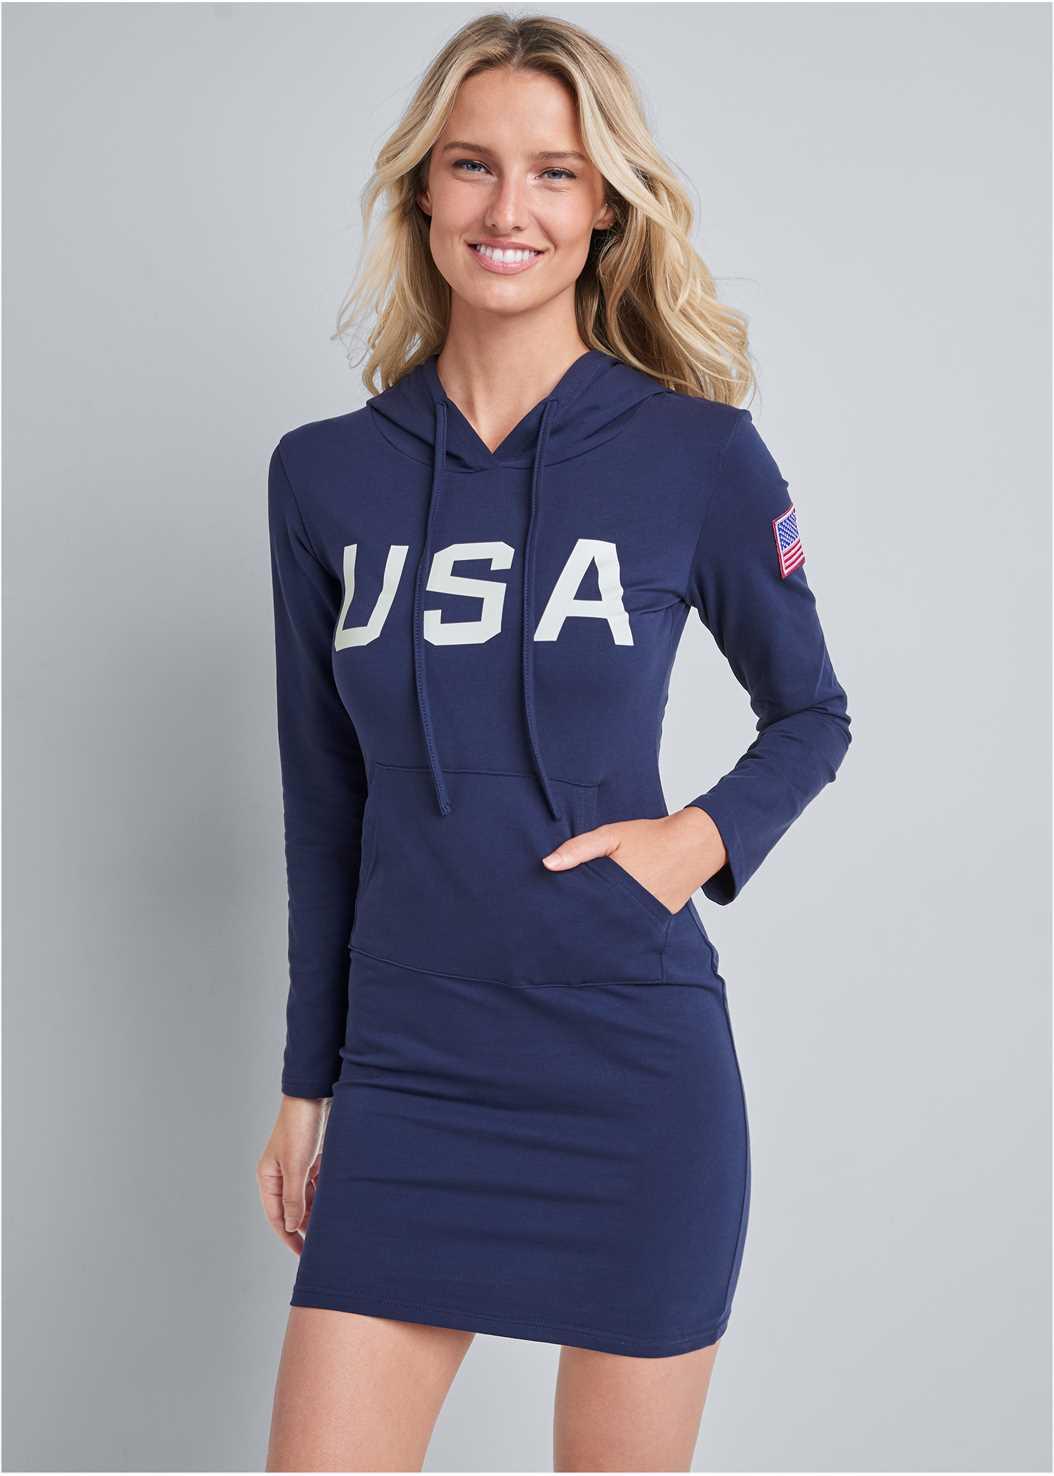 U.S.A Hooded Lounge Dress